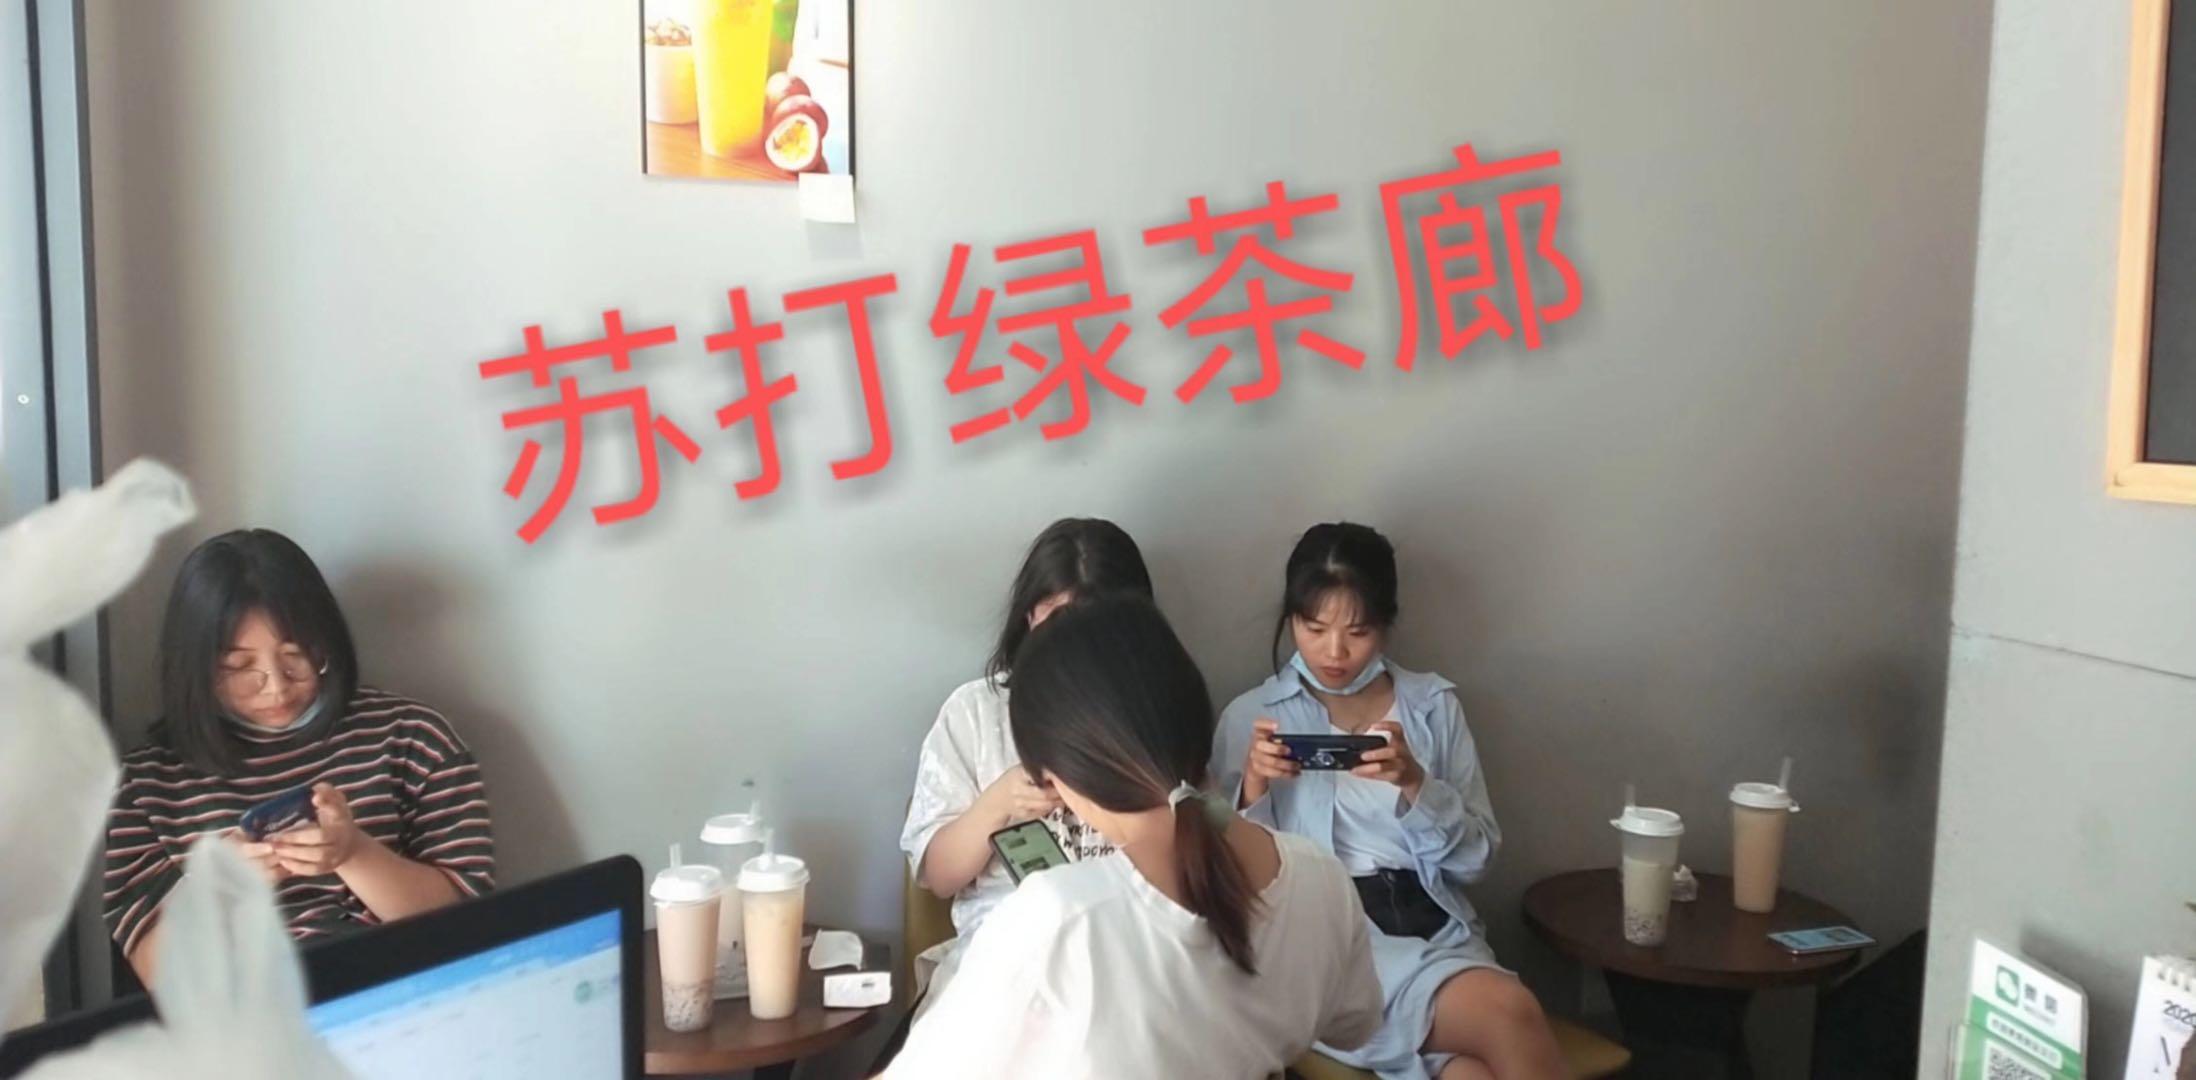 东城美食街 奶茶小吃店转让(蘇打緑)位于中心地带!客源量多!